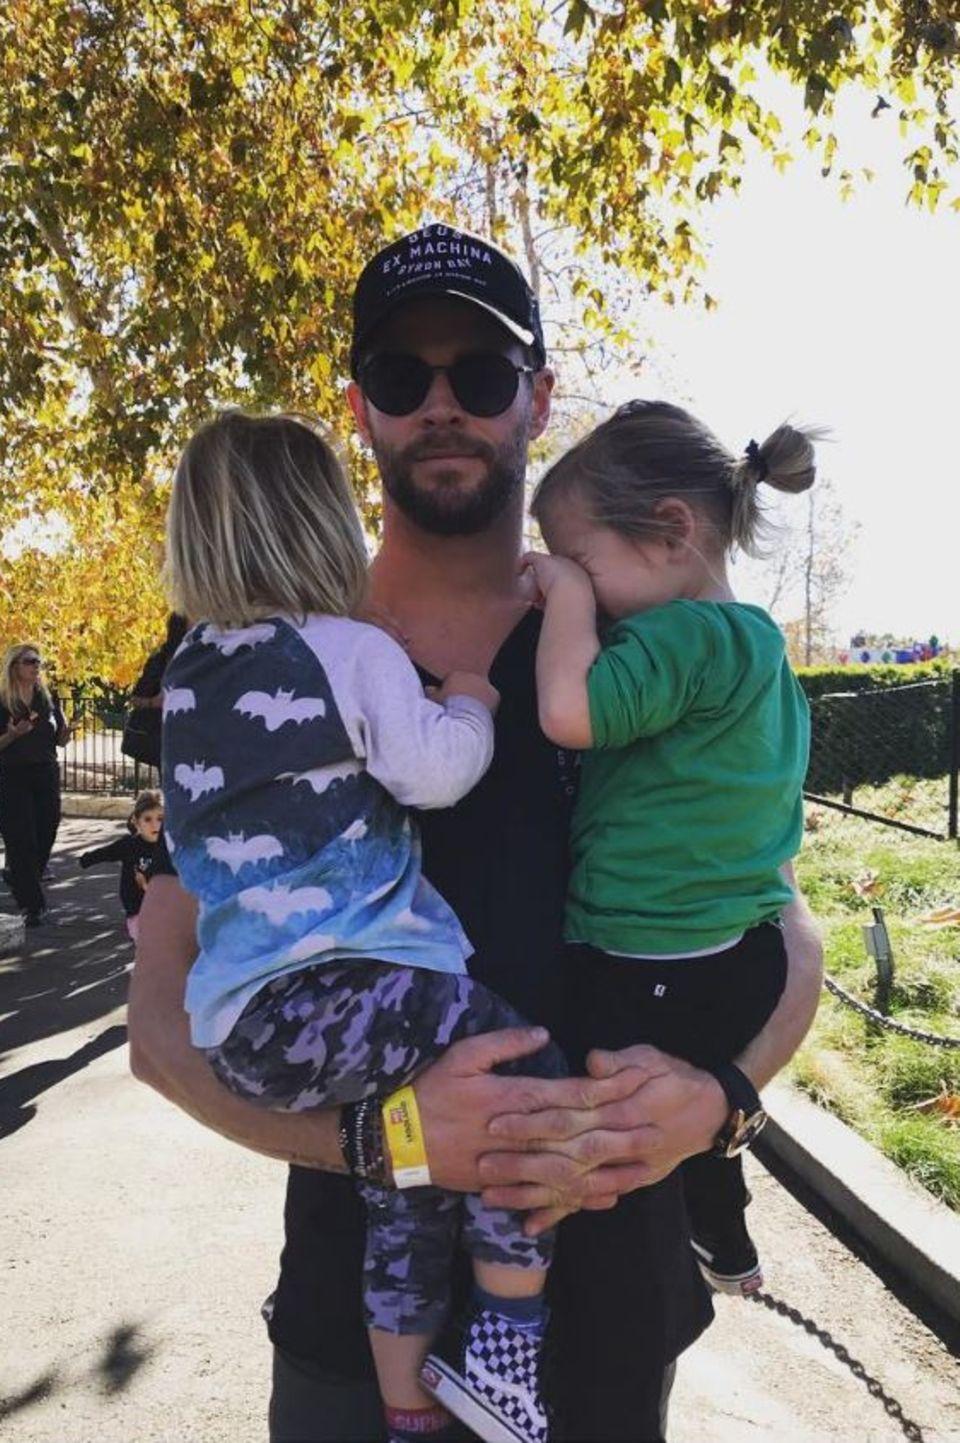 Elsa Pataky postete dieses süße Foto von ihren Jungs: Chris Hemsworth und den beiden Zwillingsbrüdern Tristan und Sasha.